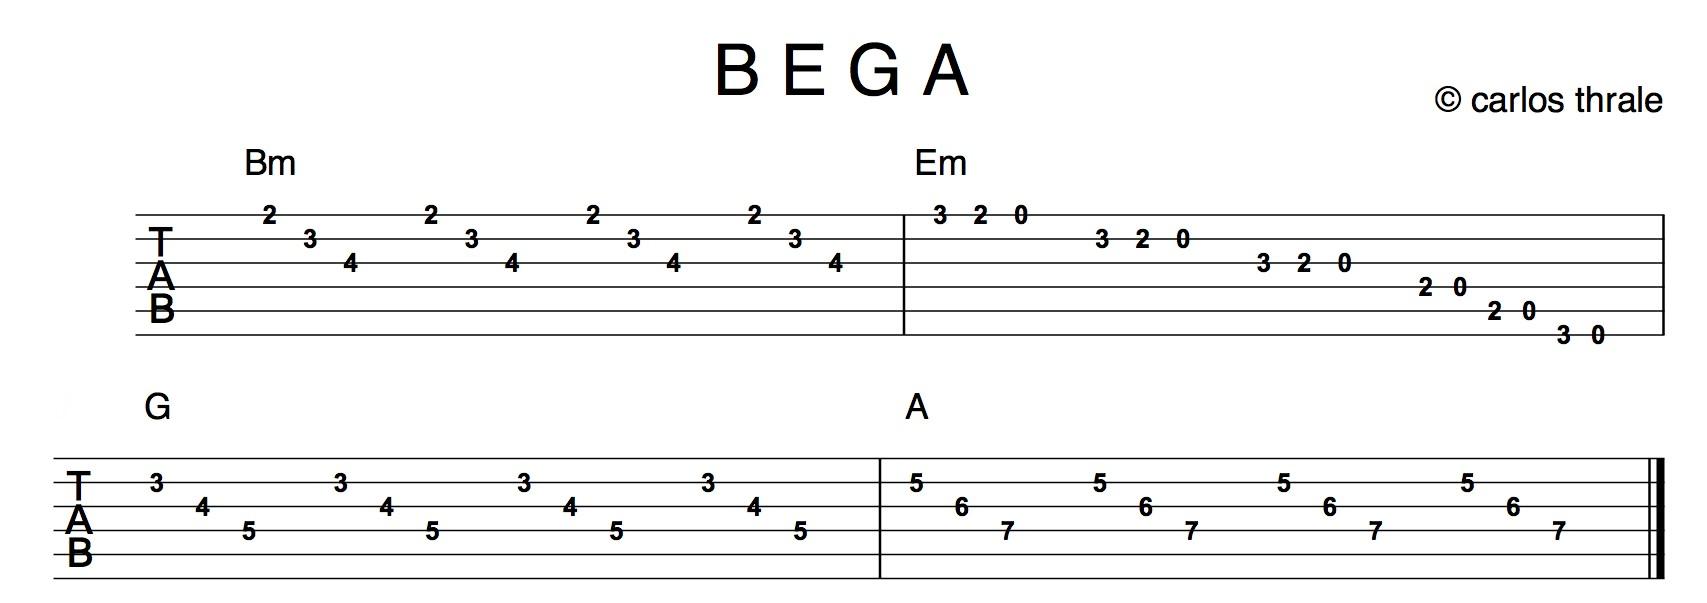 bega-diagram-1